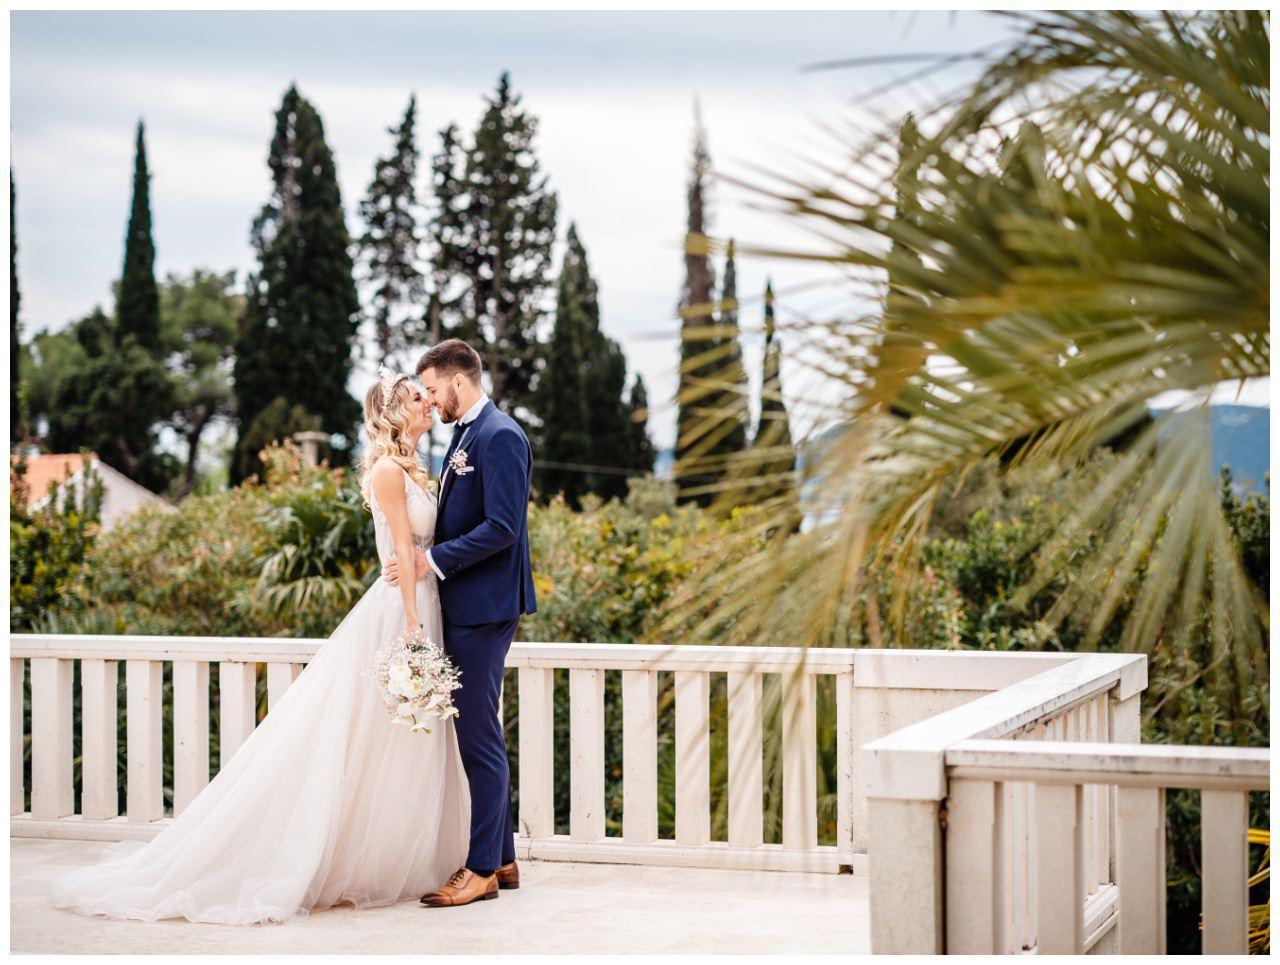 Hochzeit Villa Kroatien Hochzeitsplanung Fotograf 39 - Romantische Hochzeit in einer Villa